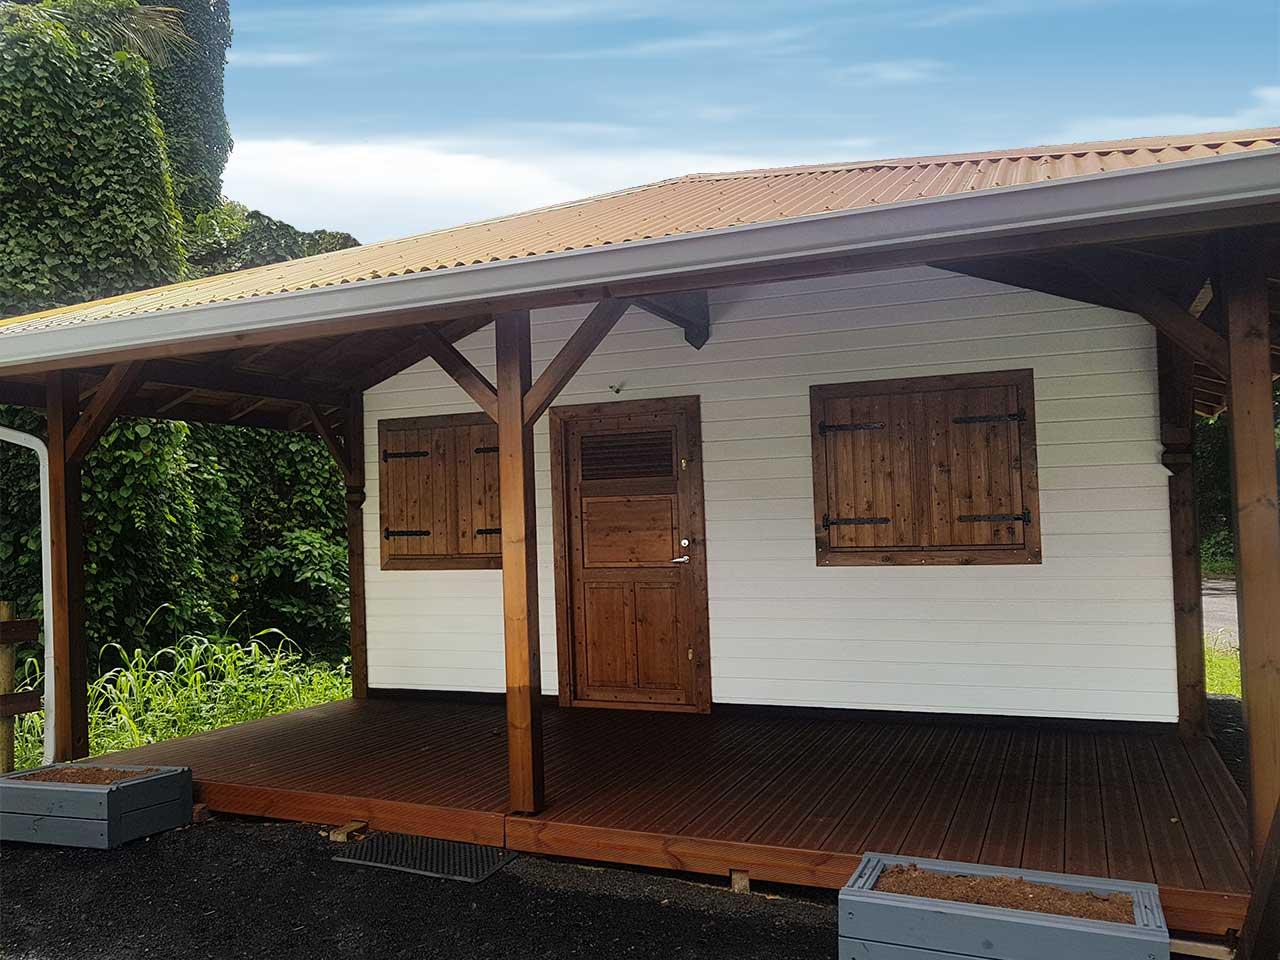 Maison en kit en martinique maison bois eco - Maison bois eco ...